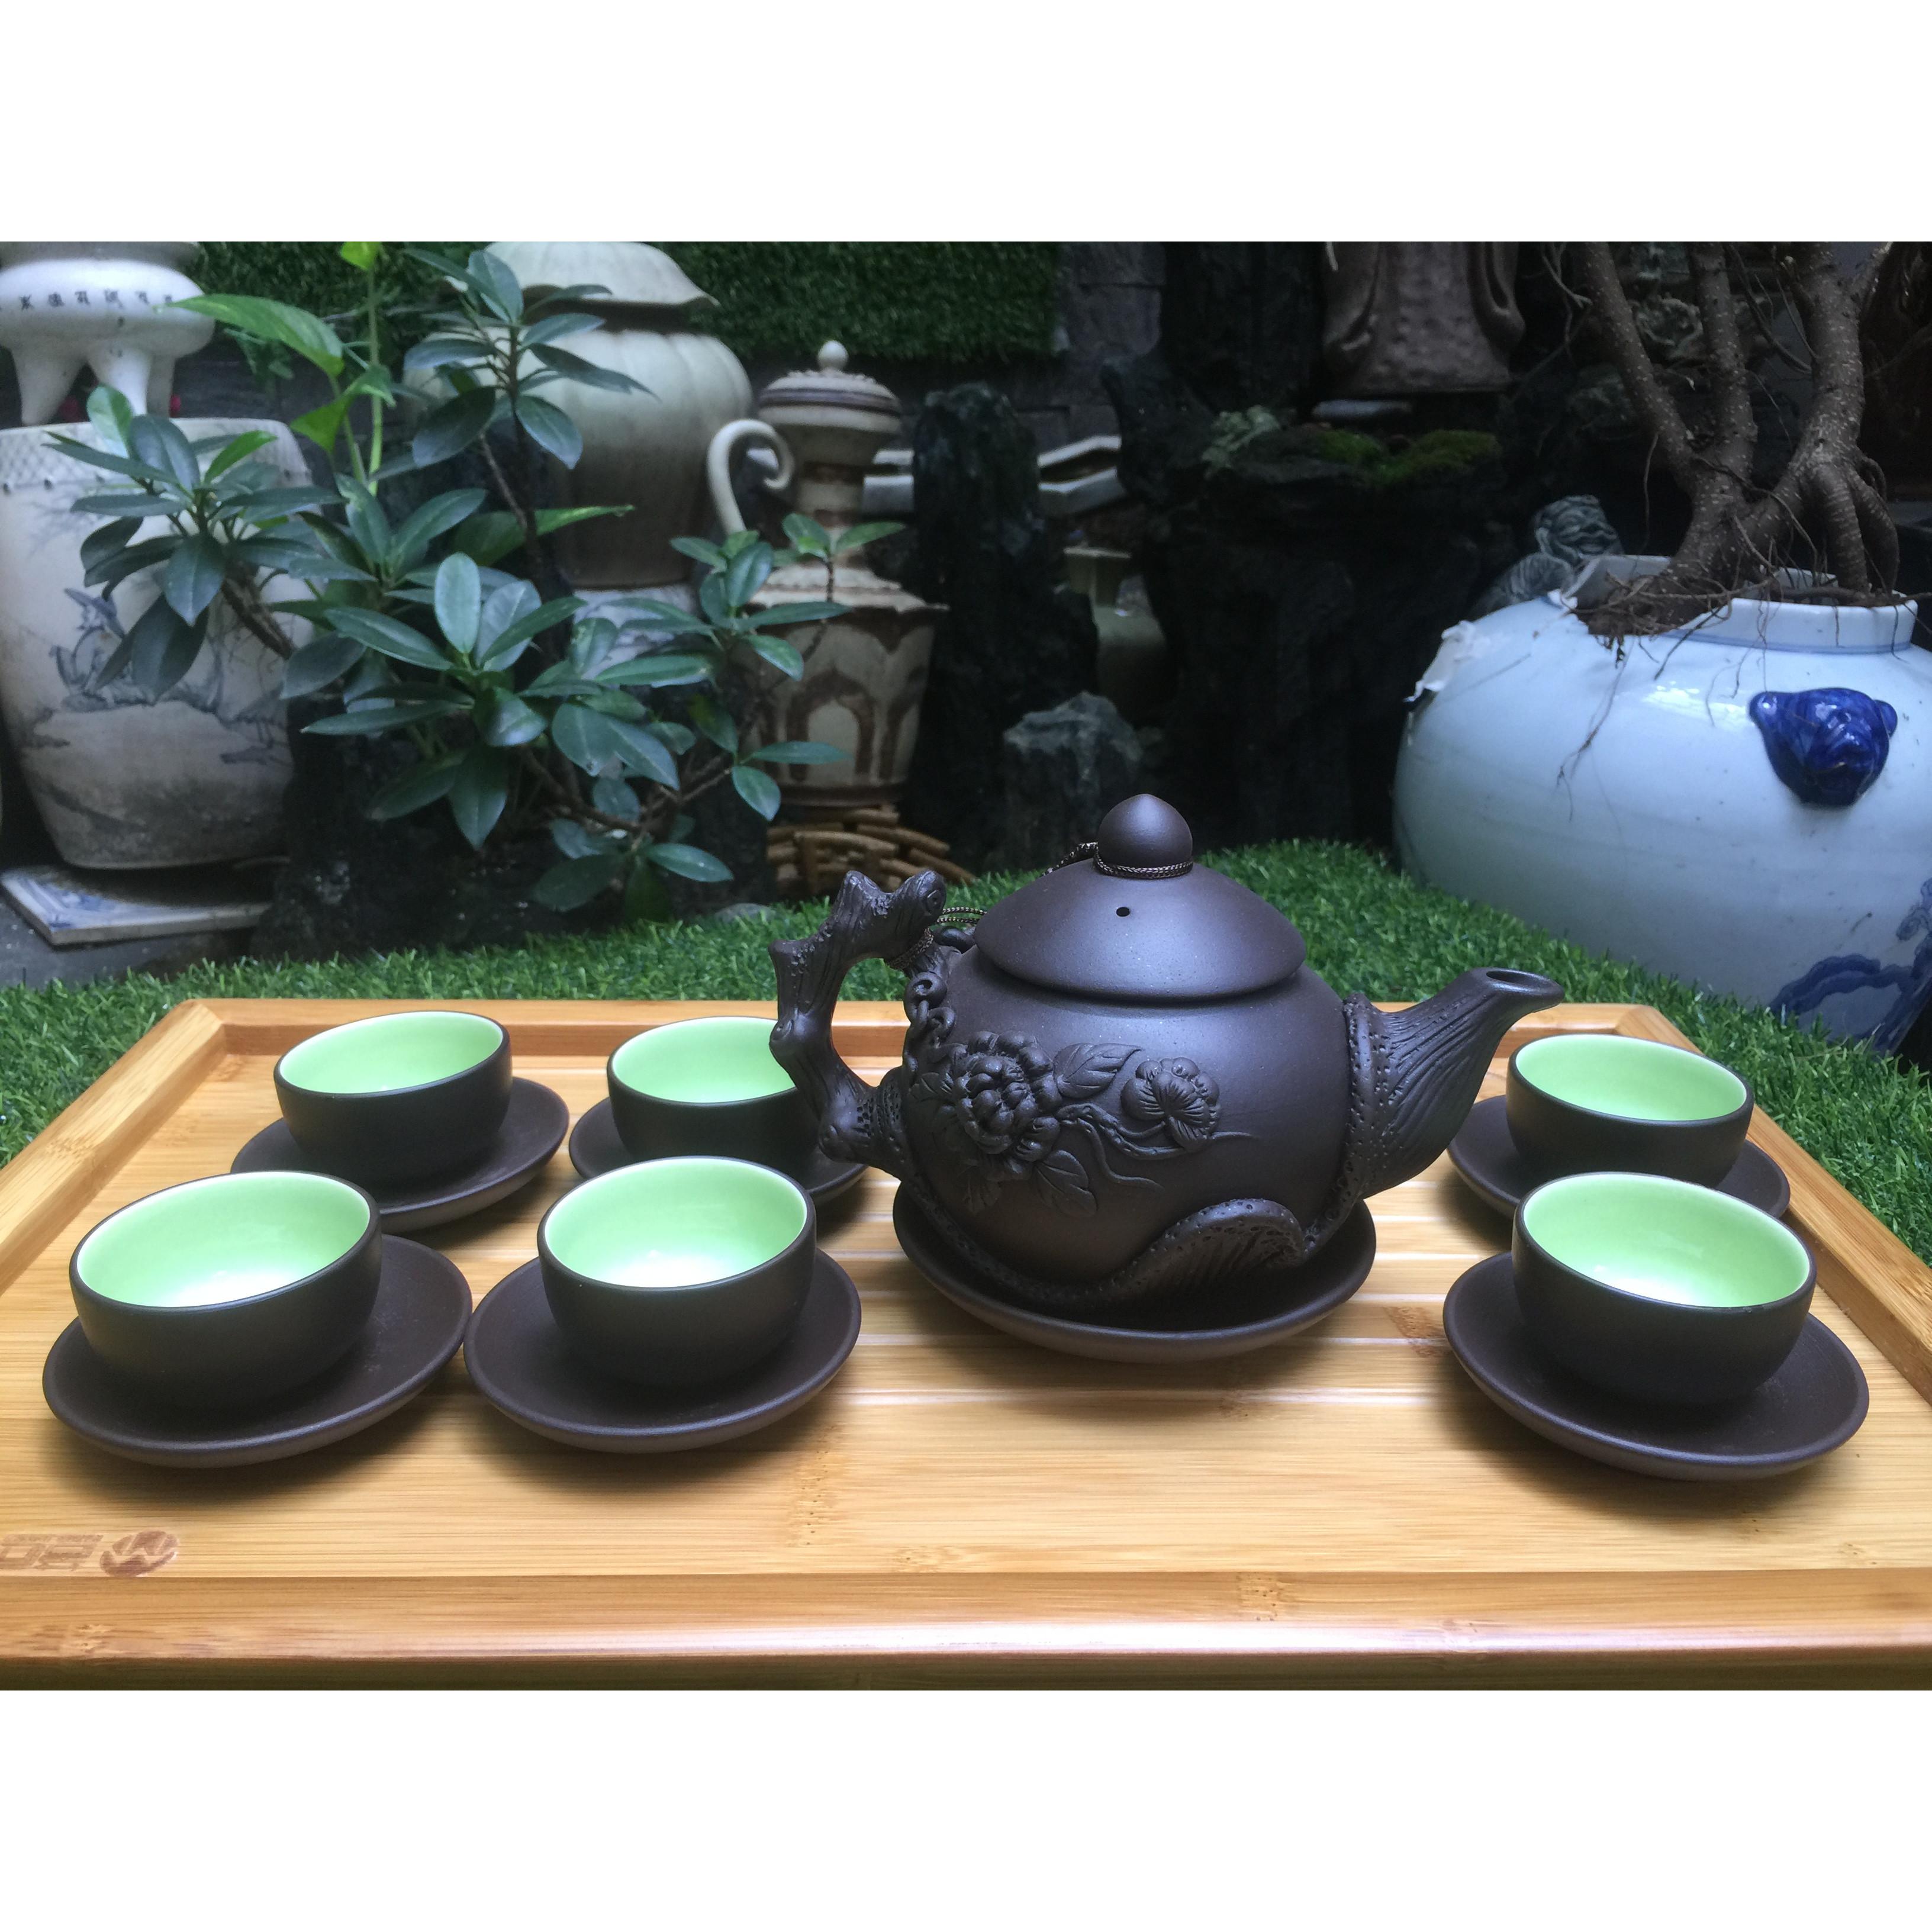 Bộ ấm trà đắp nổi gốc cây tách lót